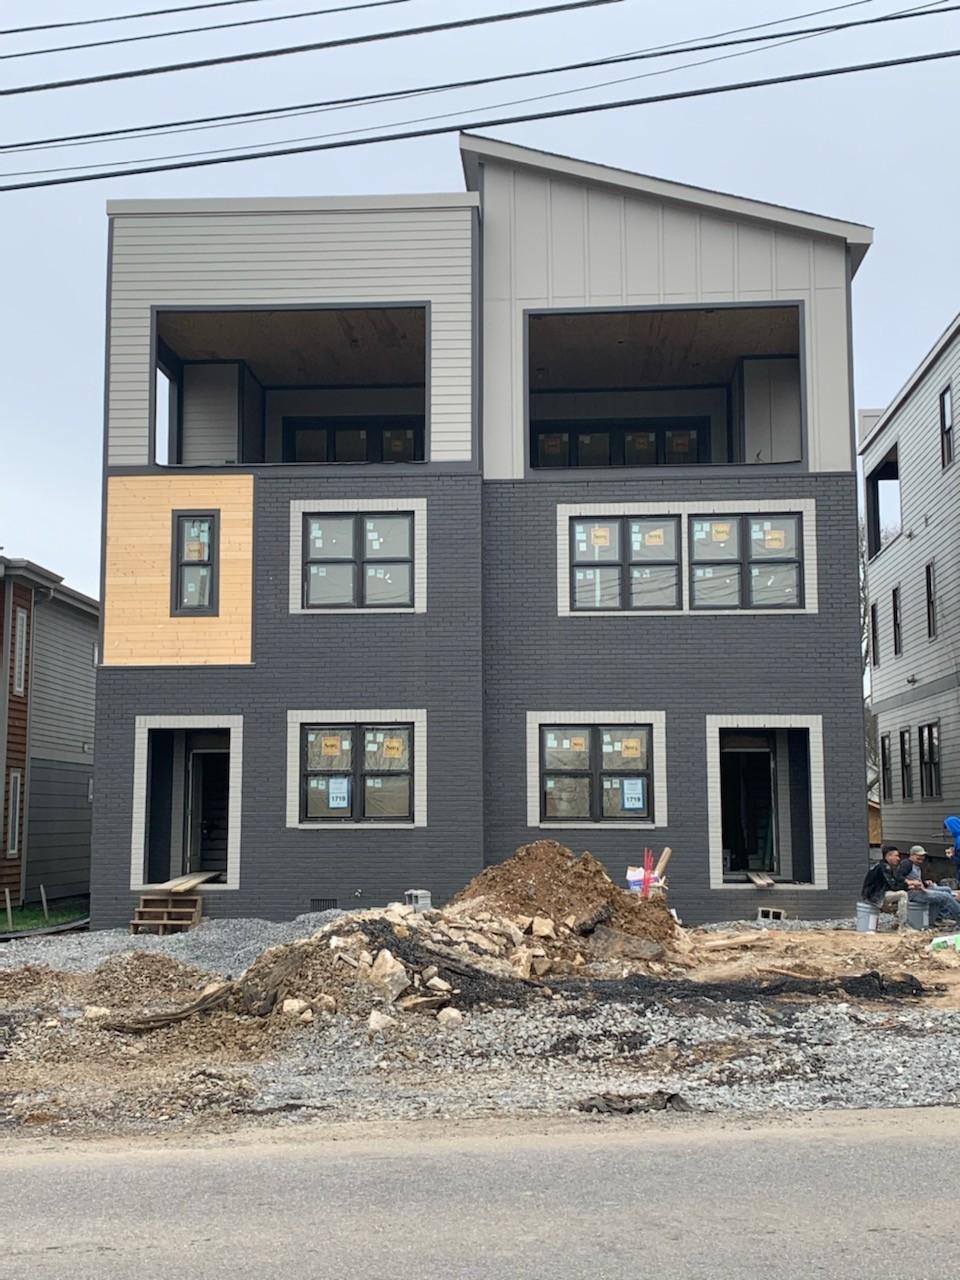 1719A 3rd Ave, N, Nashville, TN 37208 - Nashville, TN real estate listing